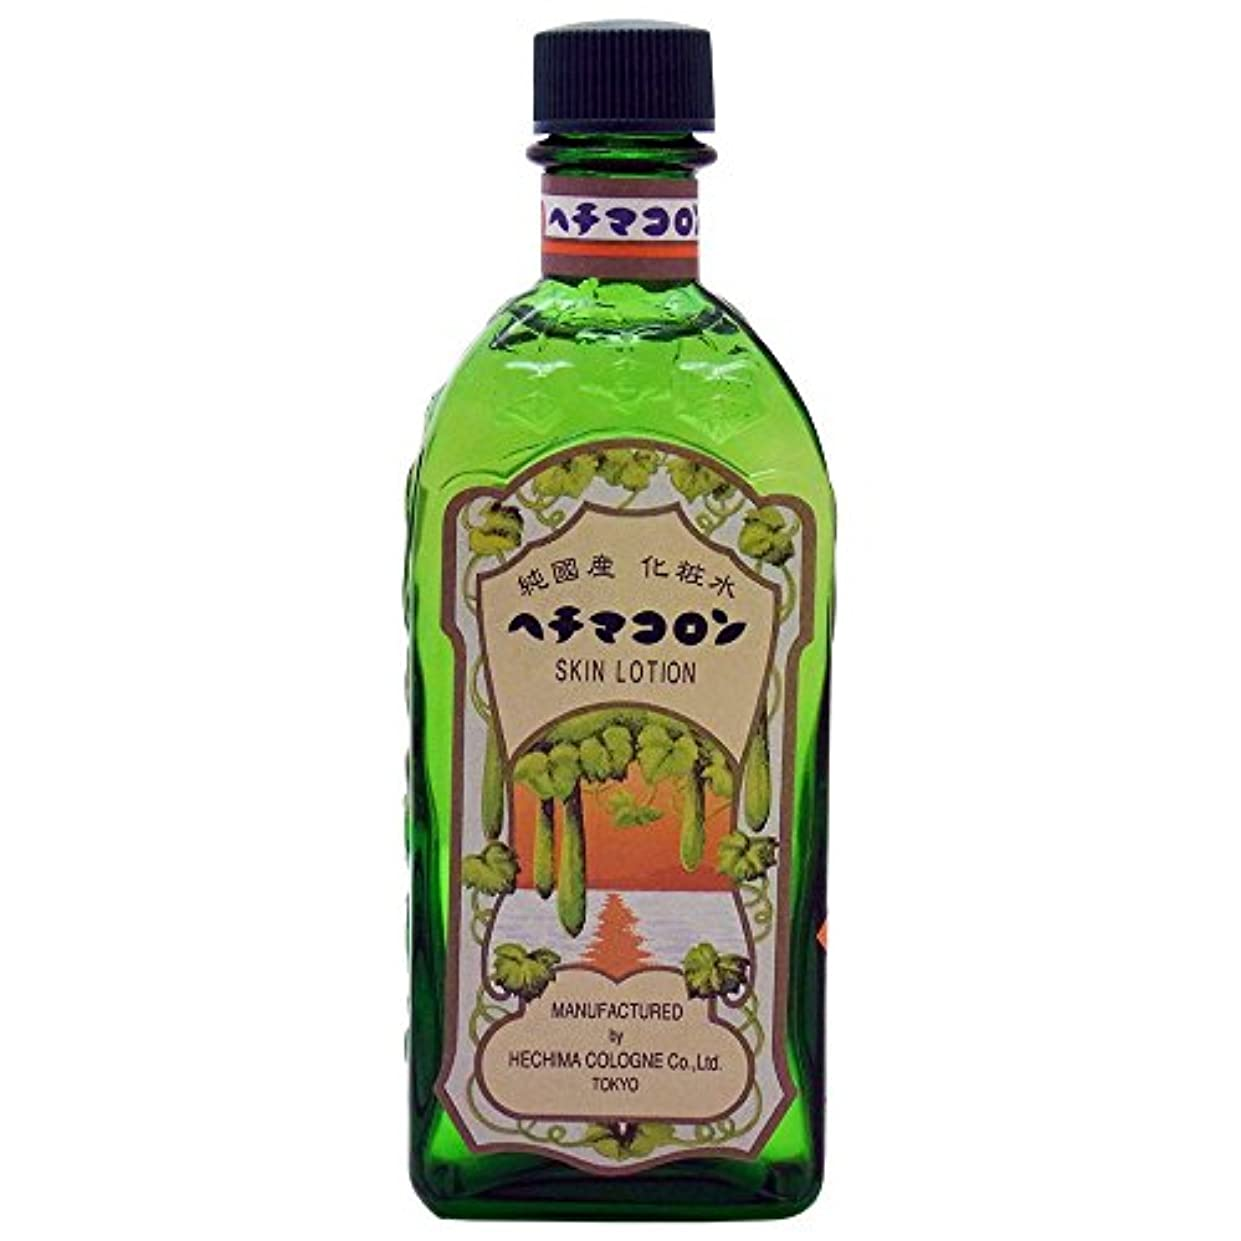 鉛コンパイル葉を拾うヘチマコロン ヘチマコロンの化粧水 ピュア 120ml